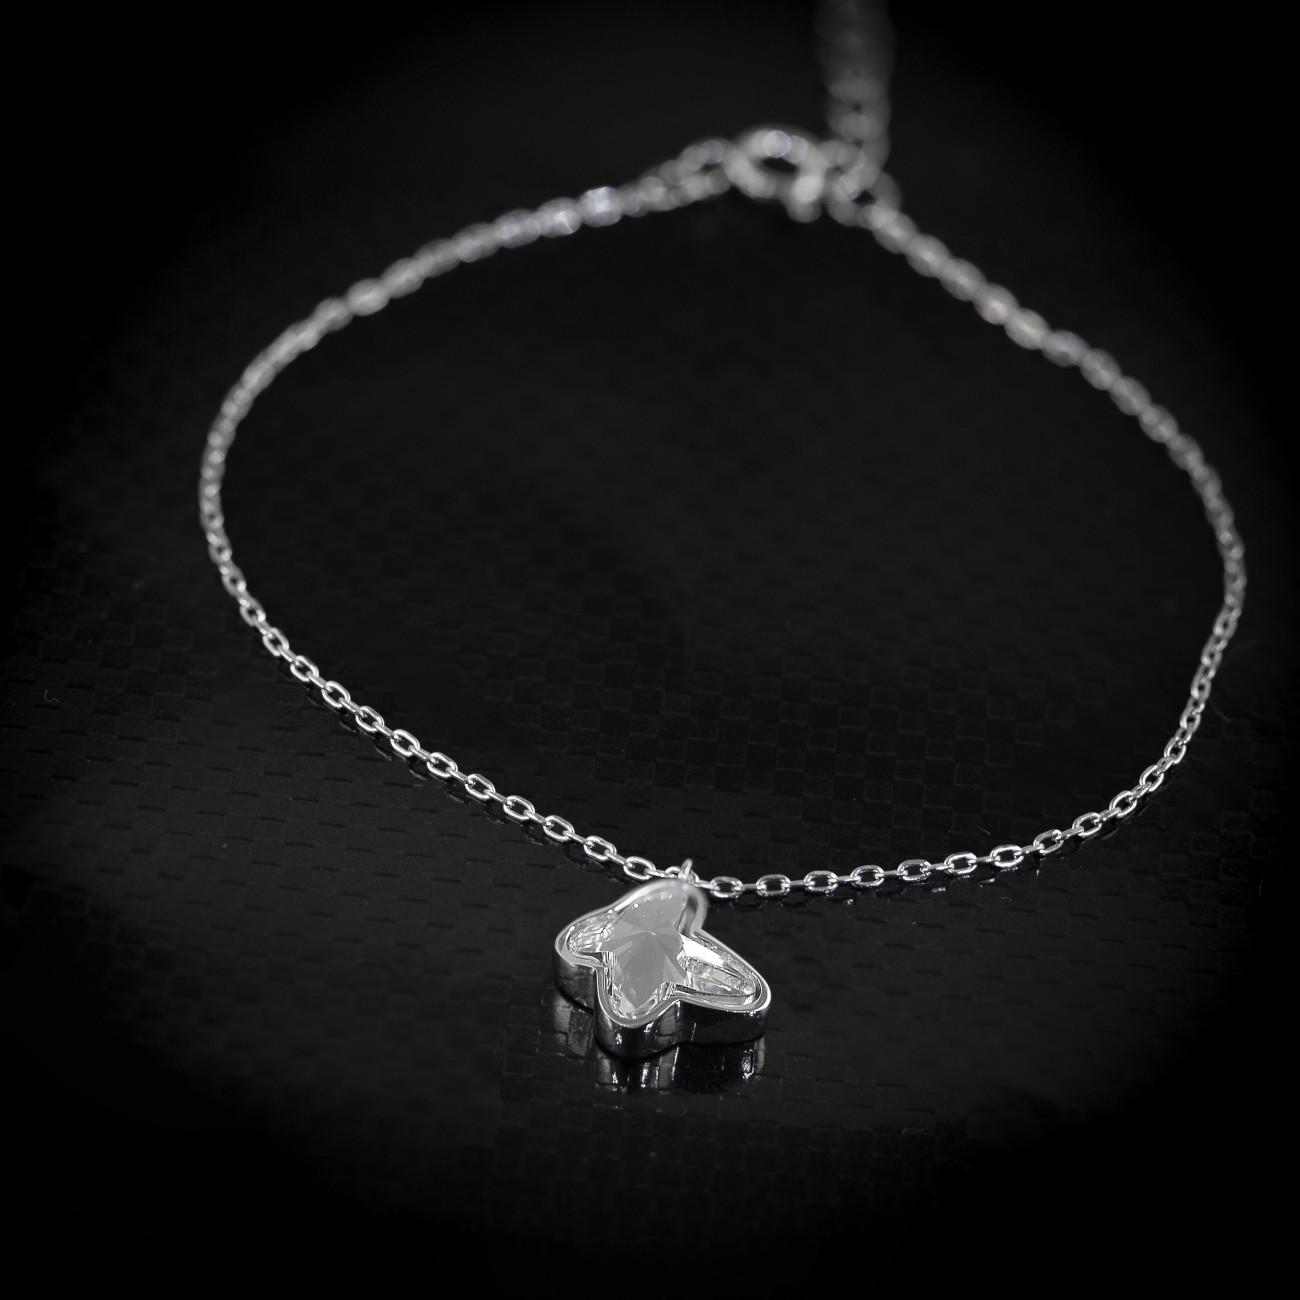 Stříbrný náramek Savour s pravým krystalem Swarovski - clear butterfly